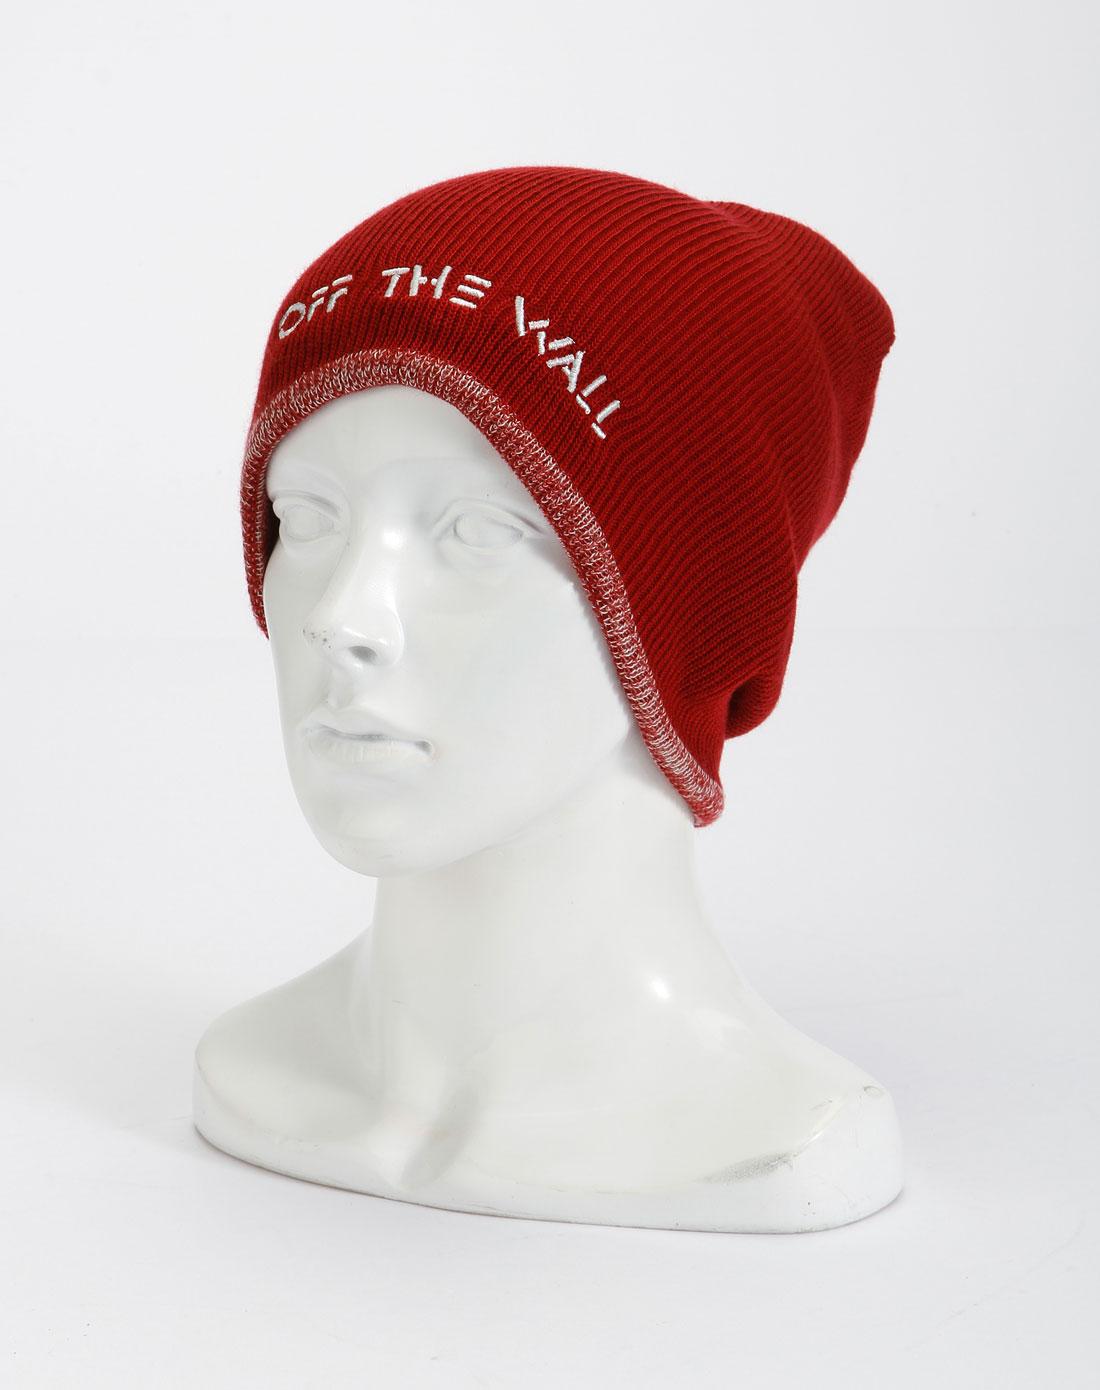 万斯vans男款红色简约绣字针织帽子vn-0ogp1th